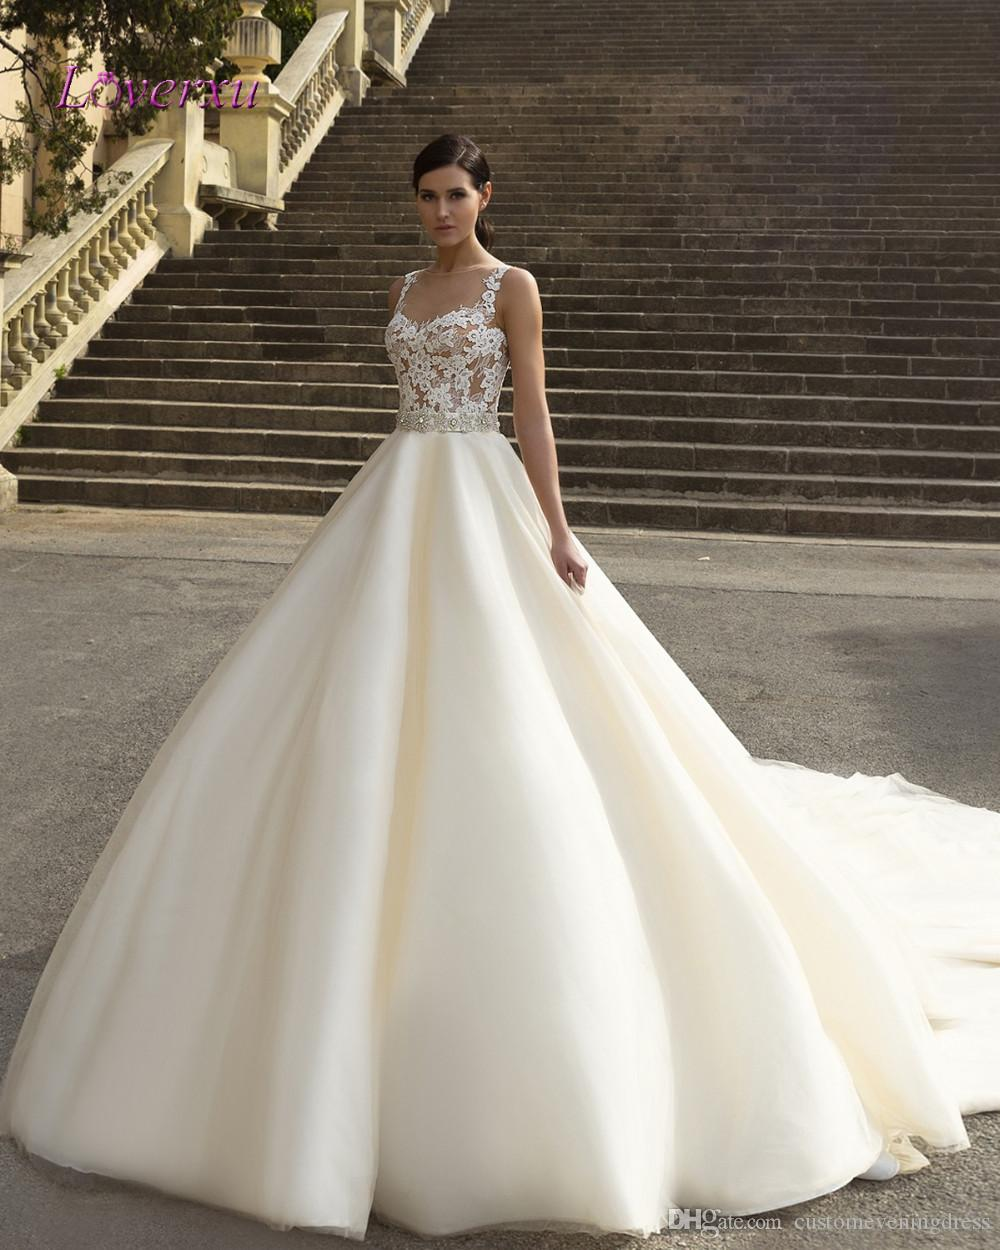 Loverxu Robe De Mariage Kraliyet Tren Bir Çizgi Gelinlik 2018 Lüks Aplikler Sashes Lace Up Tül Ucuz Gelin Kıyafeti Artı Boyutu